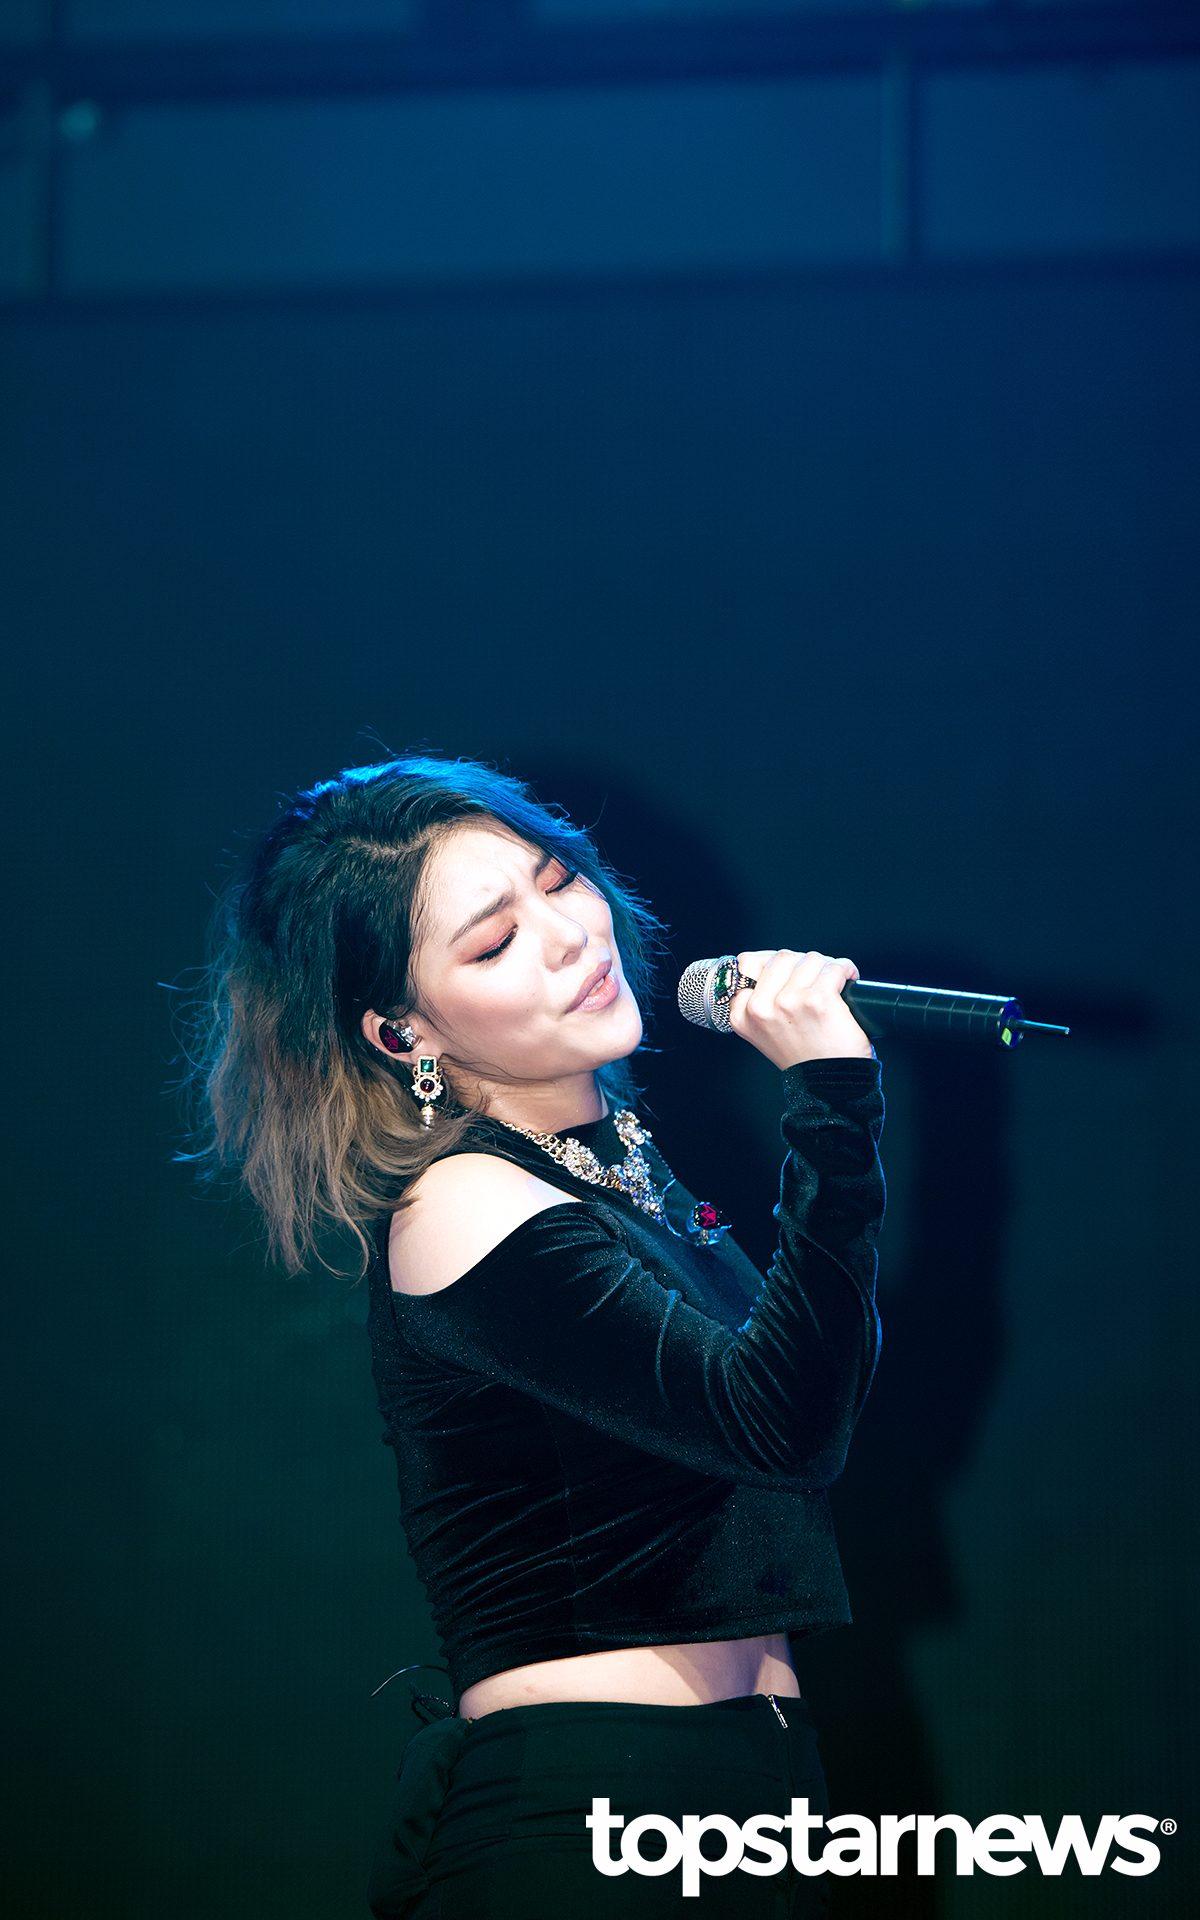 TOP3 Ailee 總共獲得14點。 剛來台灣開完演唱會的Ailee,現場實力真的相當驚人啊!相信有去看演唱會的粉絲們一定都有被震懾到。若要提到目前韓國最會唱的女solo歌手, Ailee絕對能進到前幾名啊~希望 Ailee以後能常常來台灣開唱啊!